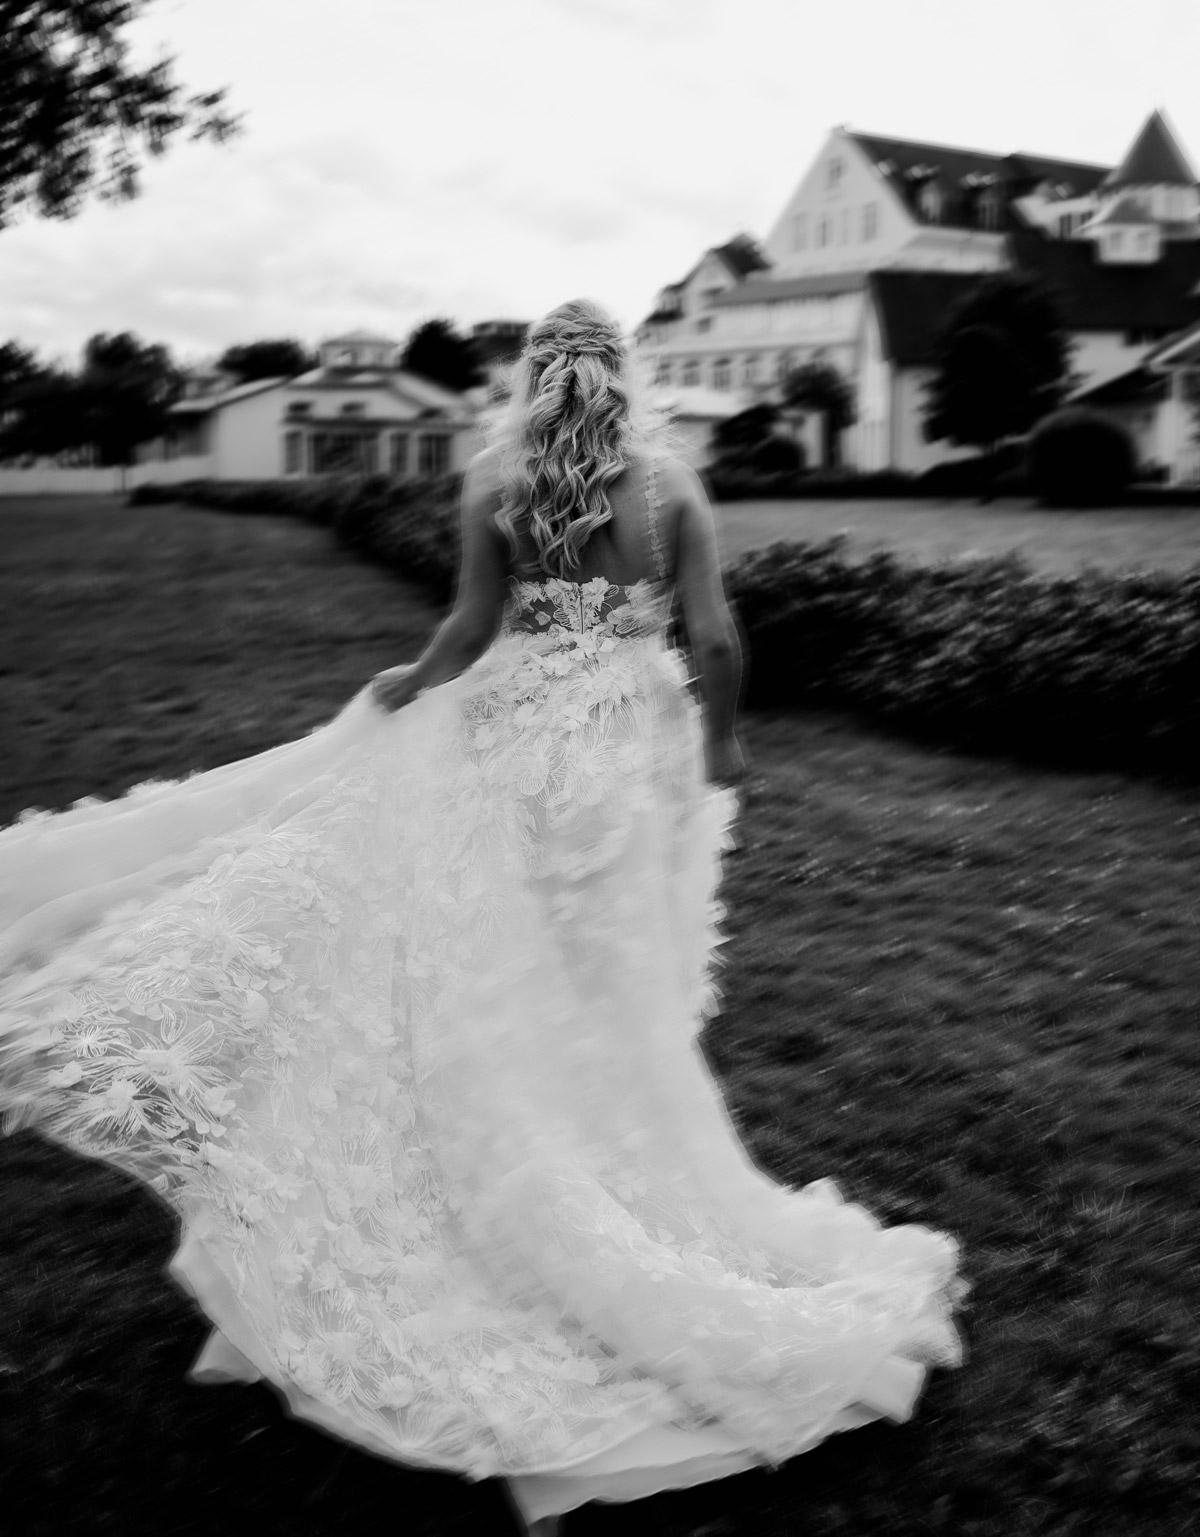 Hochzeitskleid Standesamt Galia Lahav: Braut Anni - hier im Hochzeitsfoto von hinten - hat ihr atemberaubend schönes Brautkleid auch zur freien Trauung getragen in der Hochzeitslocation am Wasser - dem Resort Schwielowsee bei Potsdam. Künstlerisches Hochzeitsfoto mit Bewegungsunschärfe in Schwarz Weiß von Hochzeitsfotograf Potsdam © www.hochzeitslicht.de #hochzeitslicht